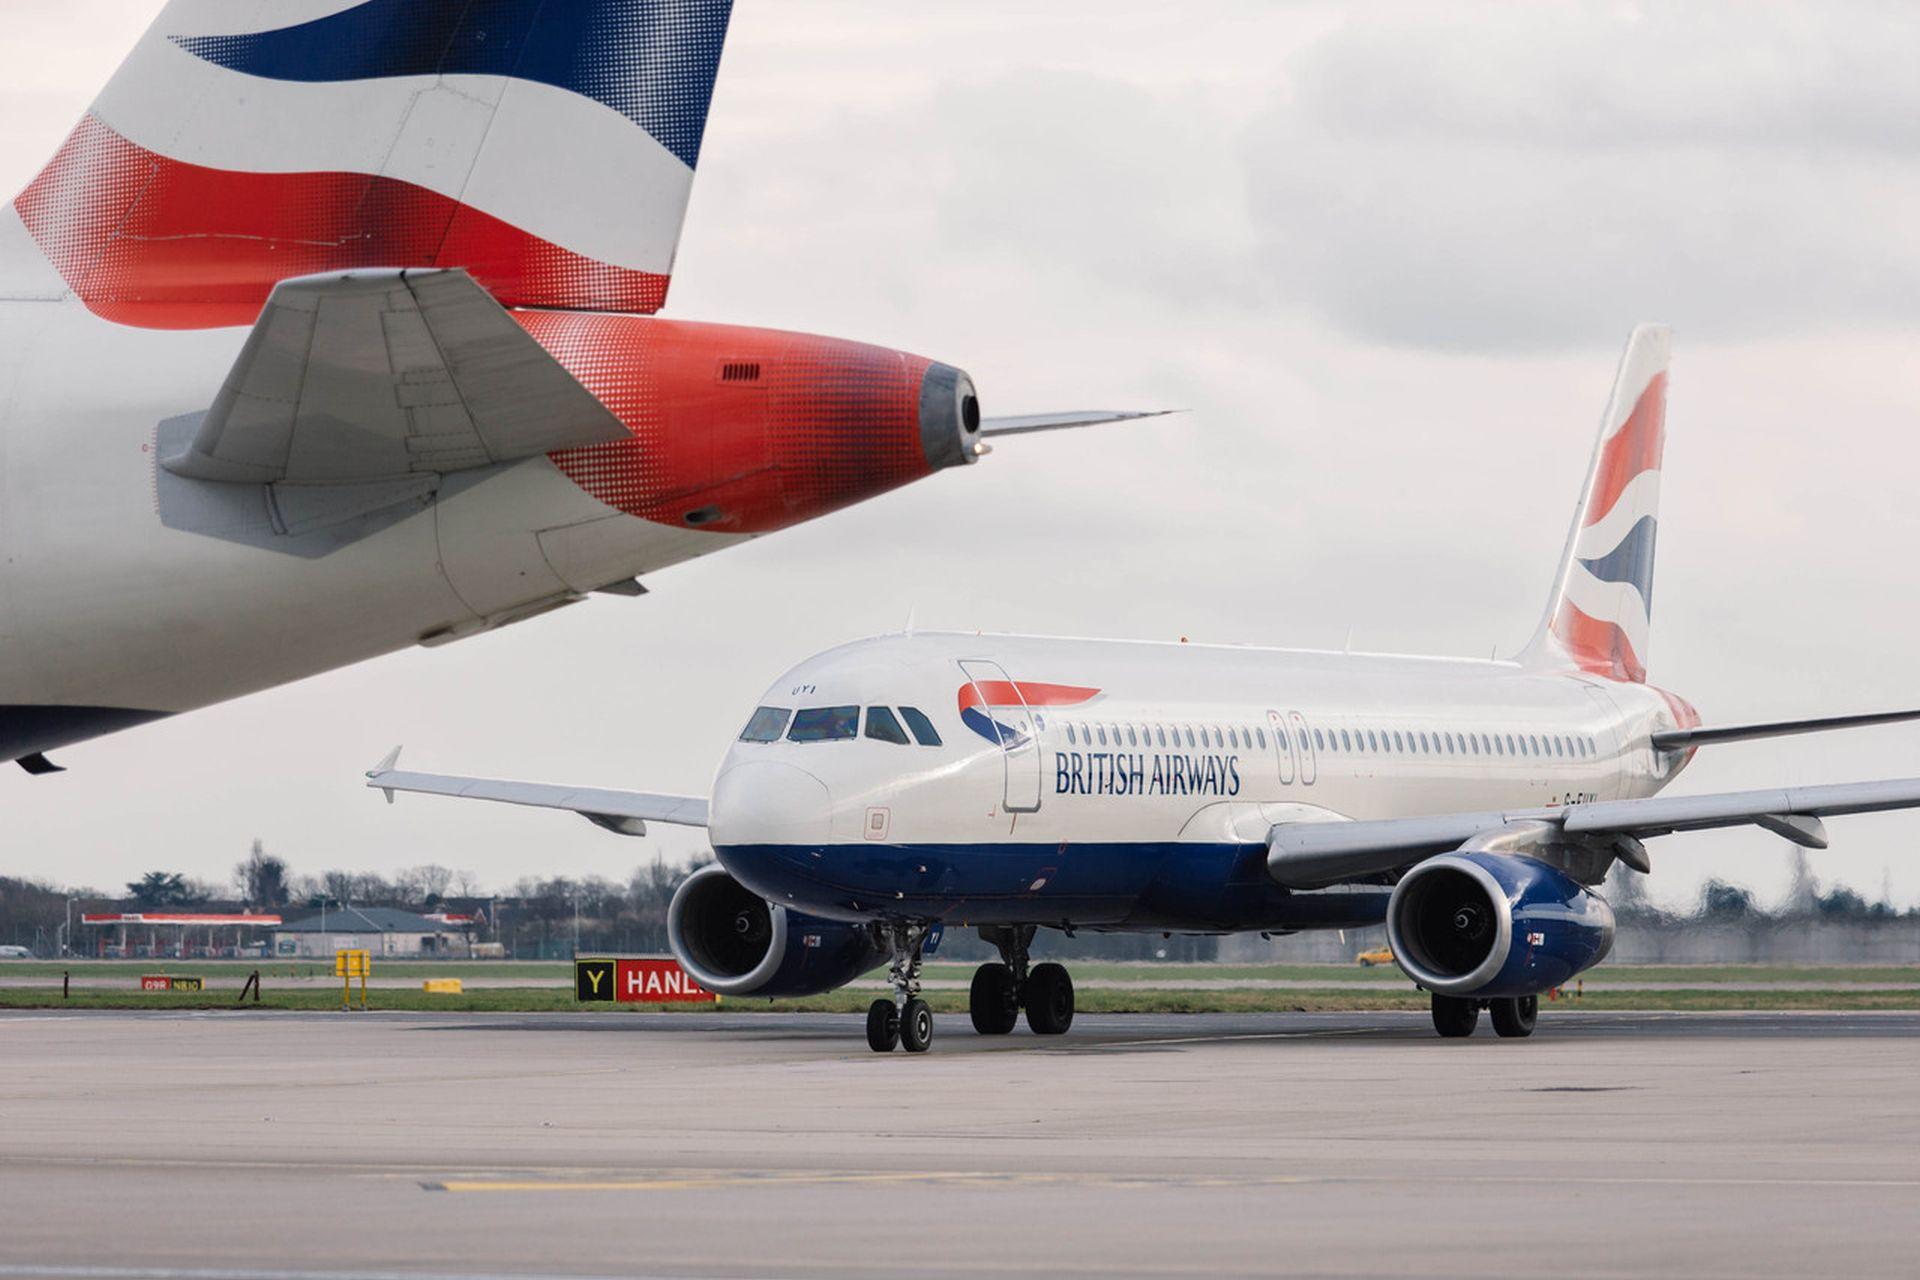 Airbus A320 společnosti British Airways. Foto: Stuart Bailey - British Airways